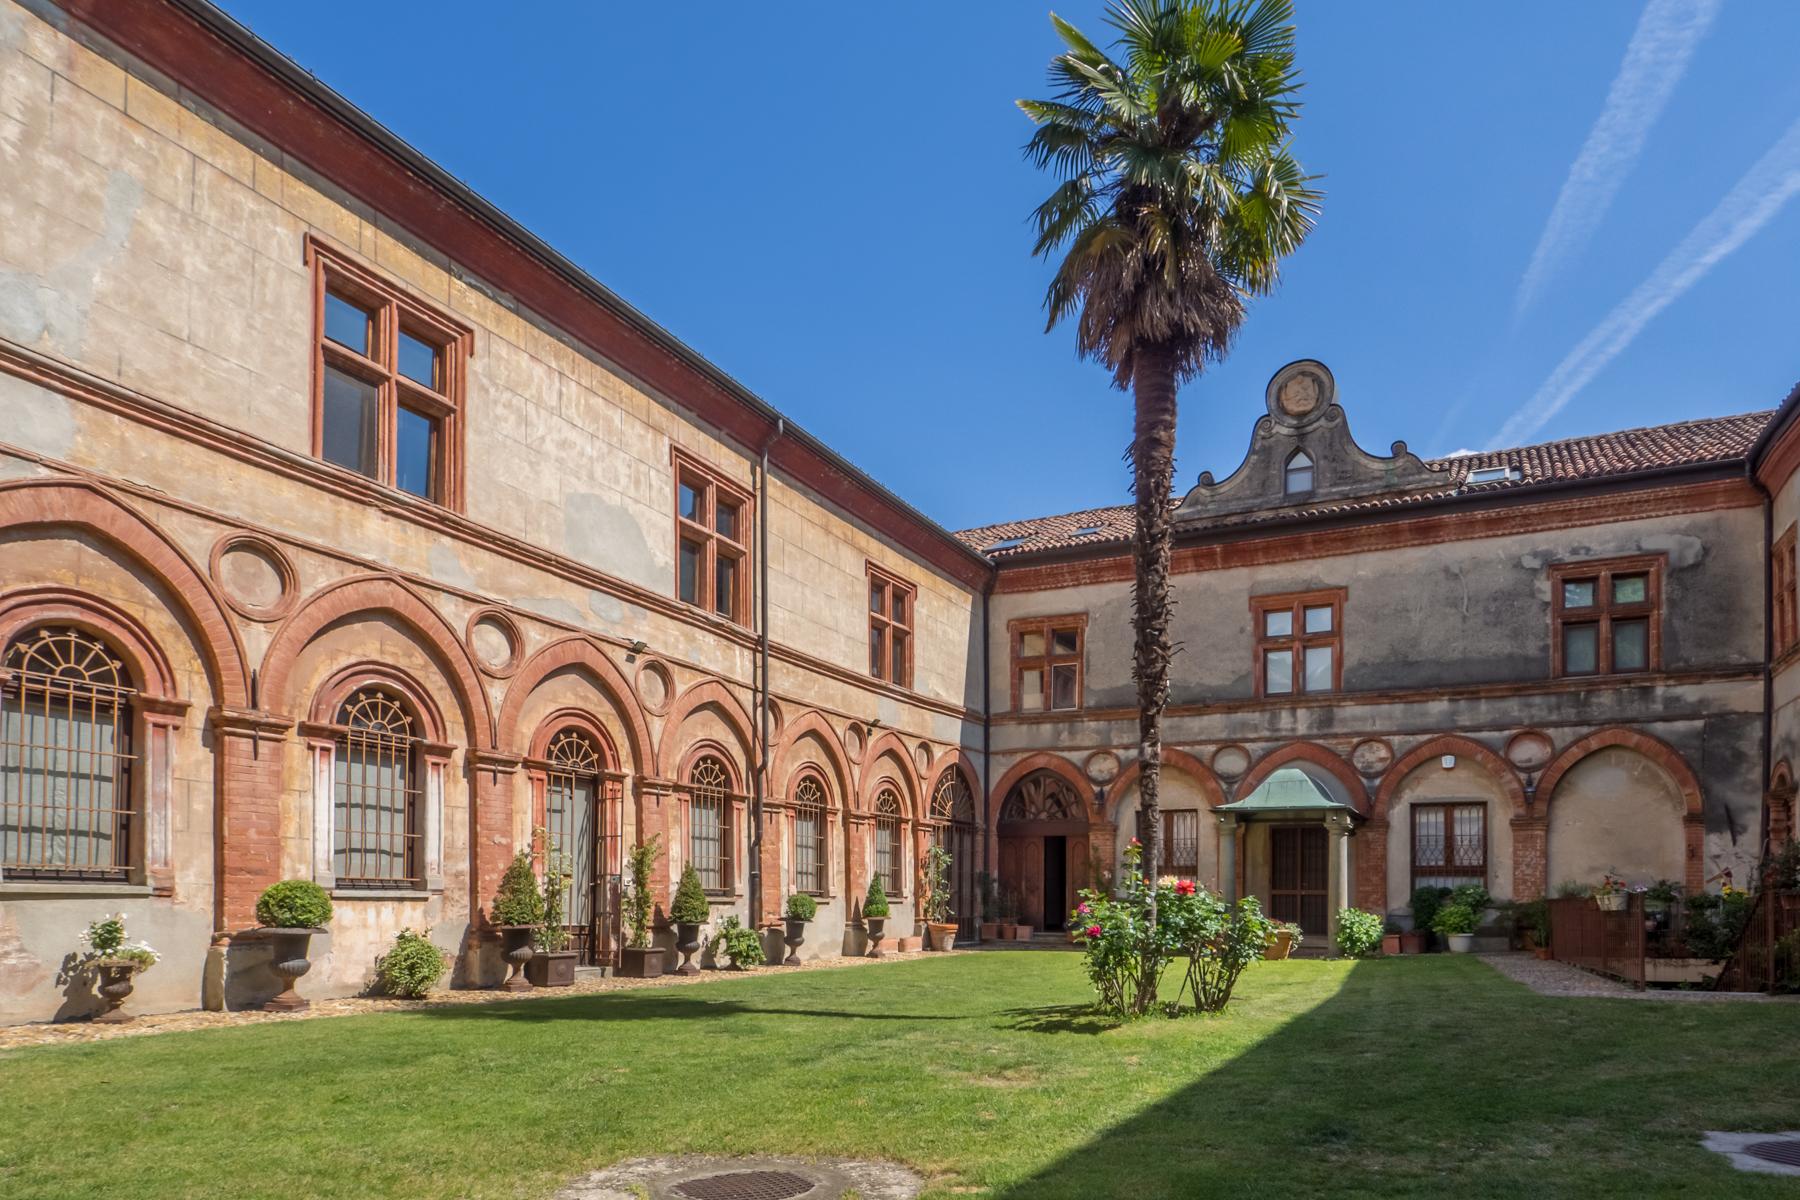 Appartamento in Vendita a Moncalieri: 5 locali, 368 mq - Foto 2